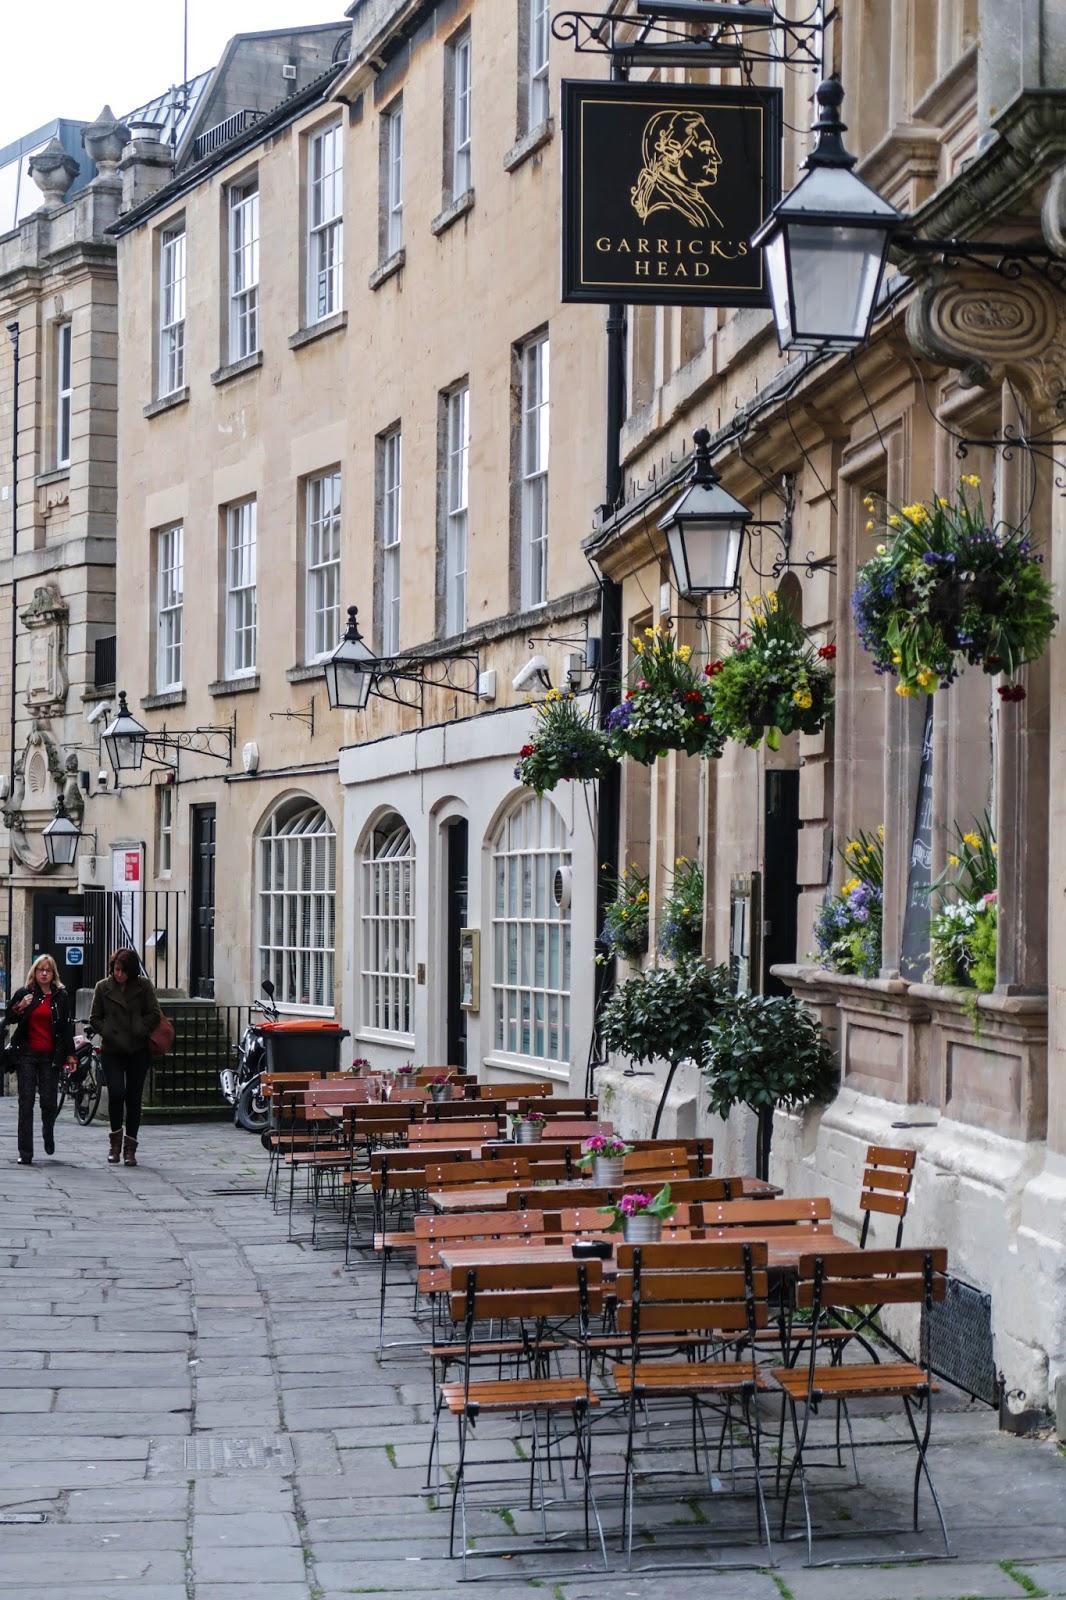 5 heritage weekend breaks in England you'll love